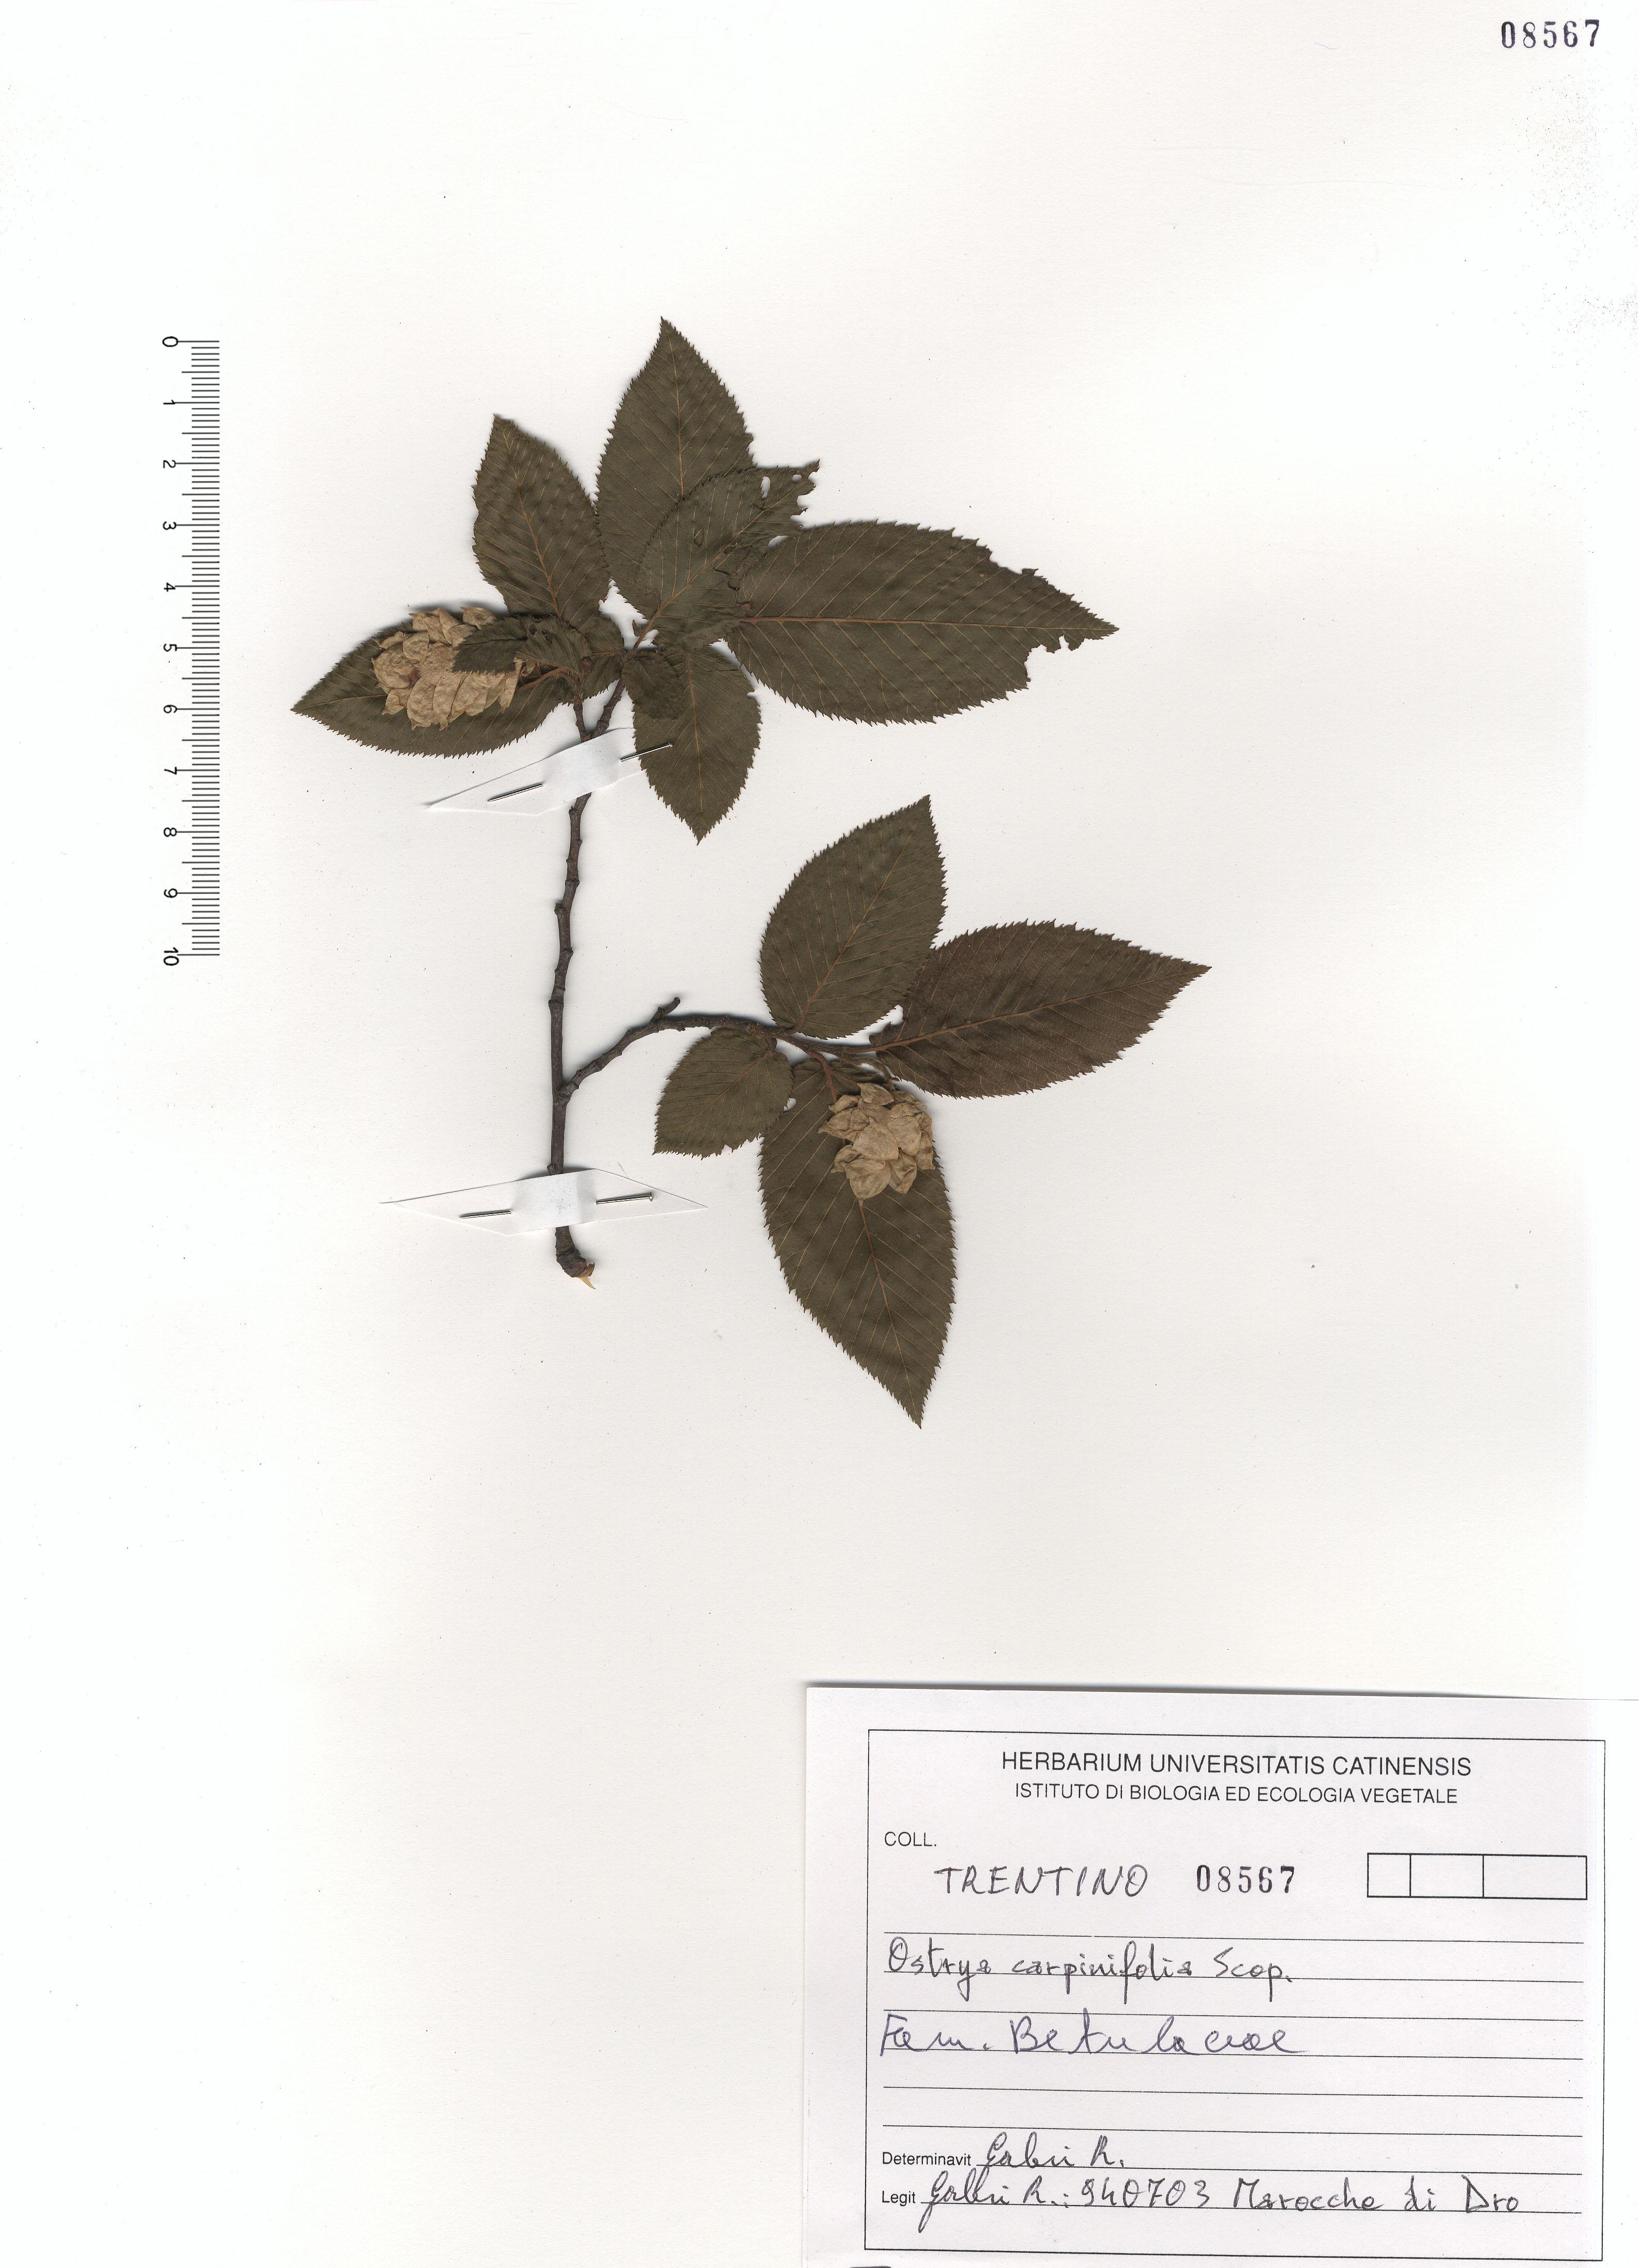 © Hortus Botanicus Catinensis - Herb. sheet 108567<br>